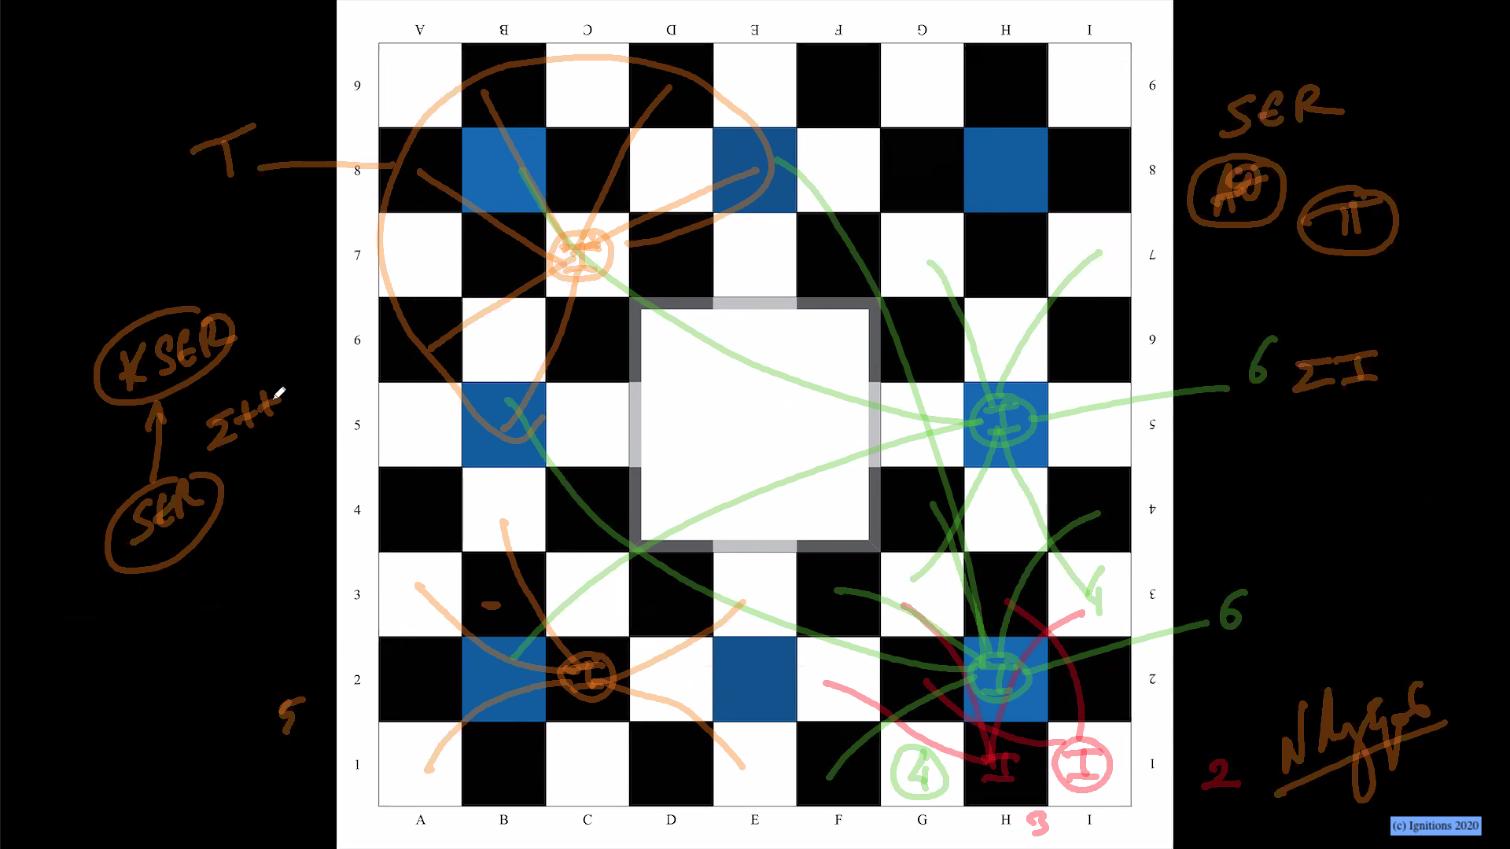 55237 - XVI - e-Masterclass: ΑΝΑΘΕΜΕΛΙΩΣΗ II. (Dessin)